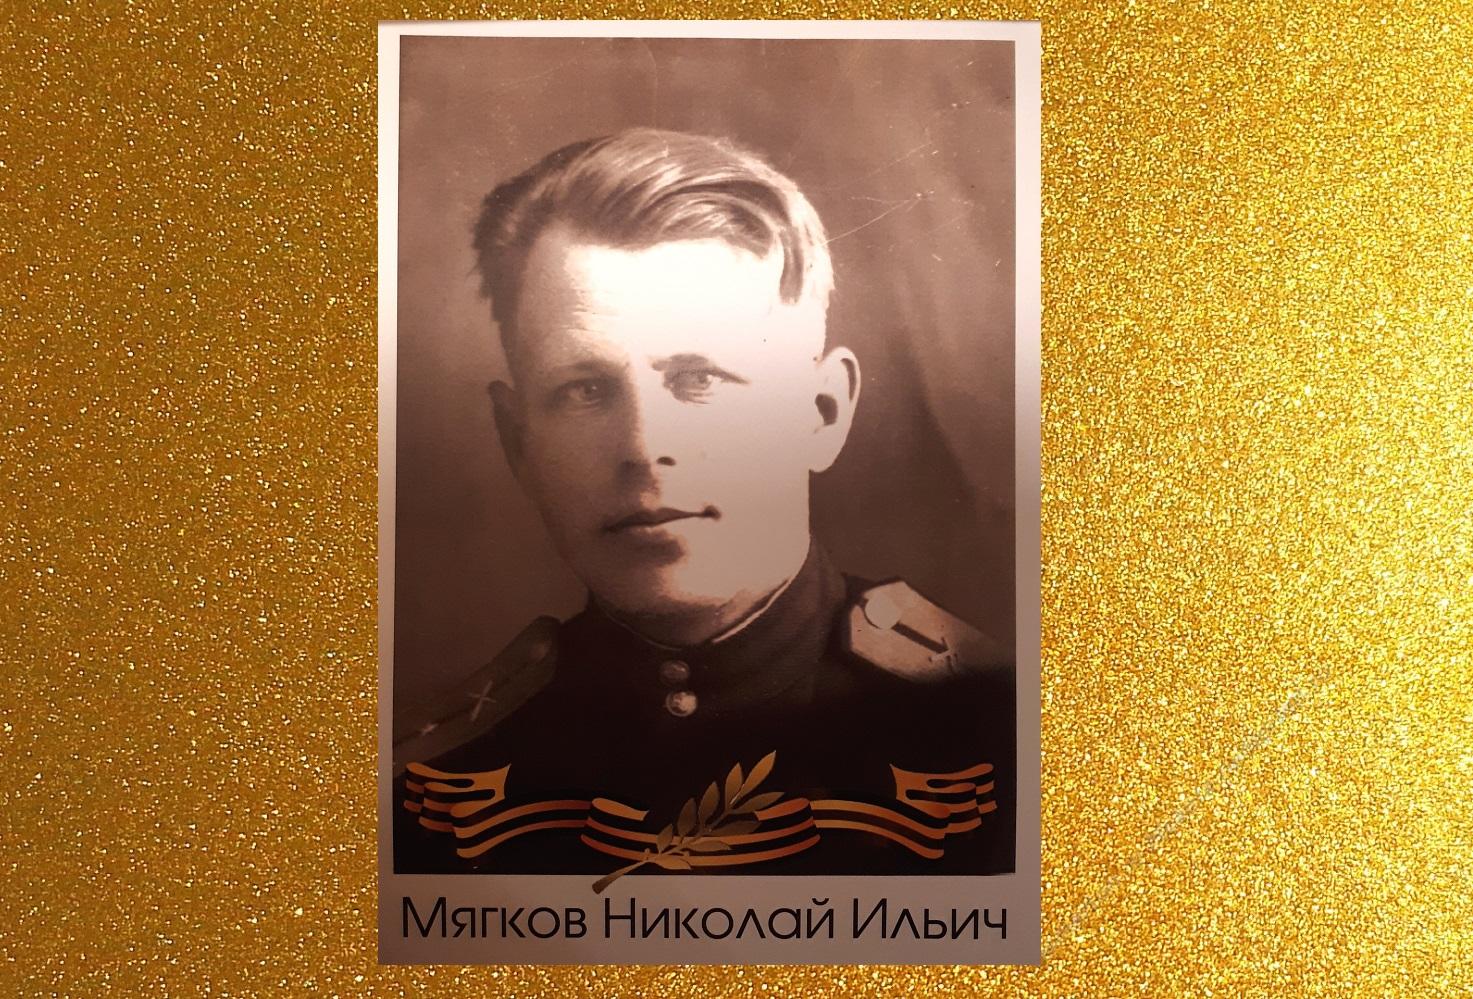 Мягков Николай Ильич